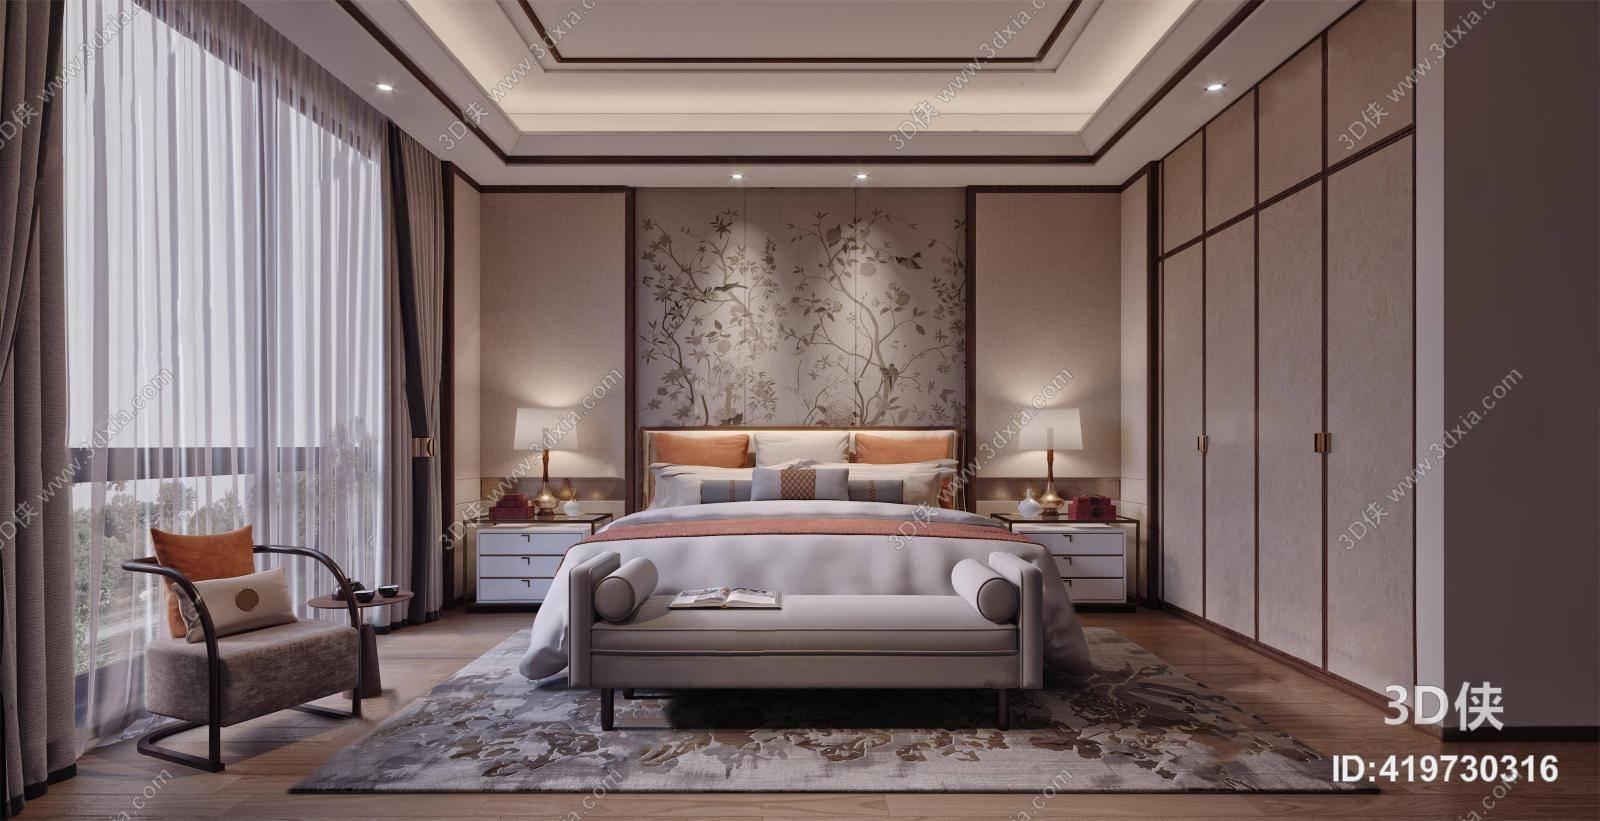 新中式卧室 双人床 床头柜 单人椅 背景墙